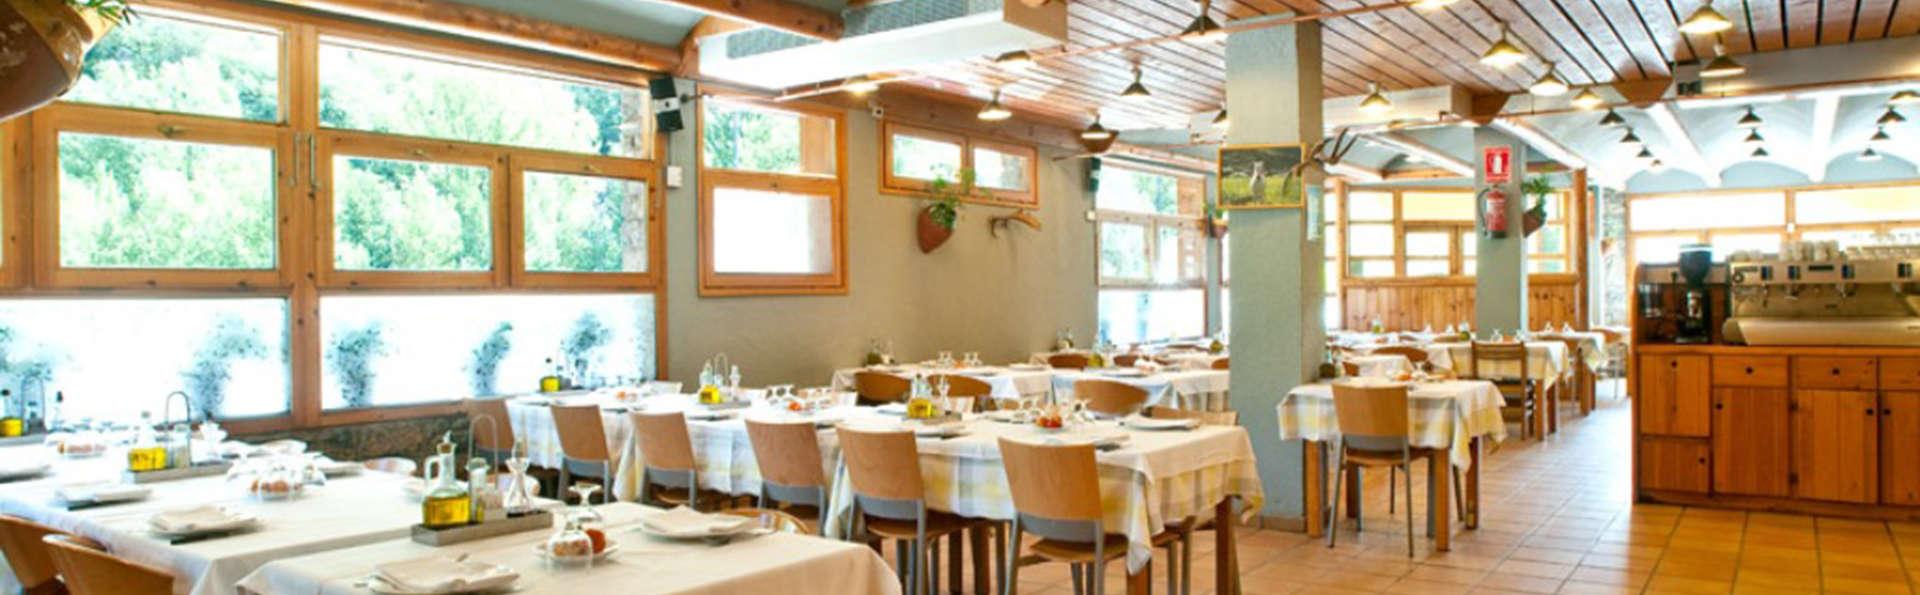 Hotel Les Brases - EDIT_restaurant2.jpg